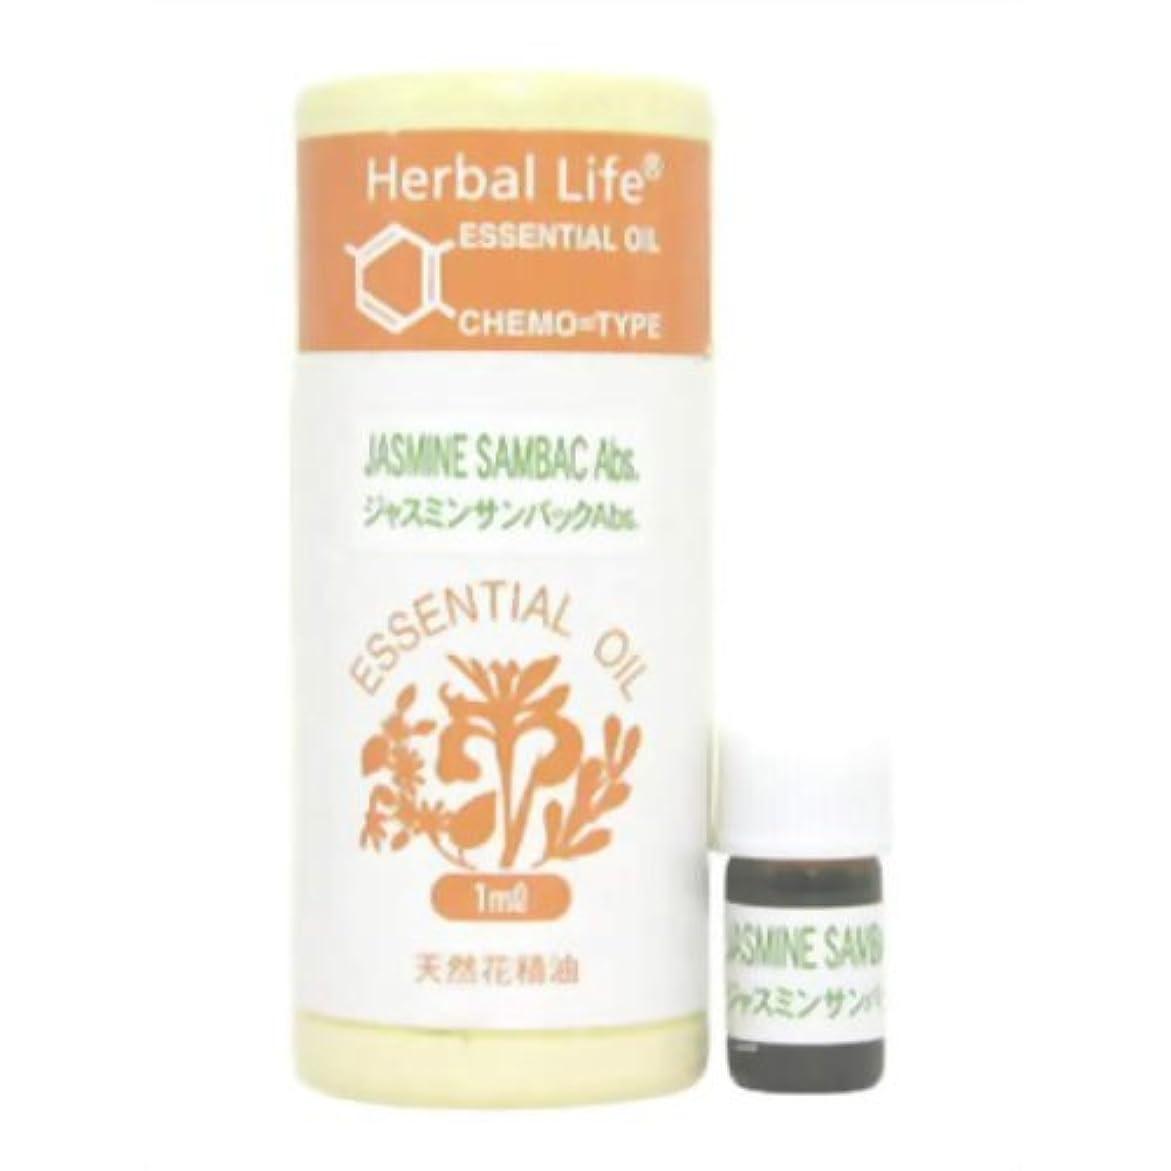 死すべき偽造樫の木Herbal Life ジャスミンサンバックAbs 1ml